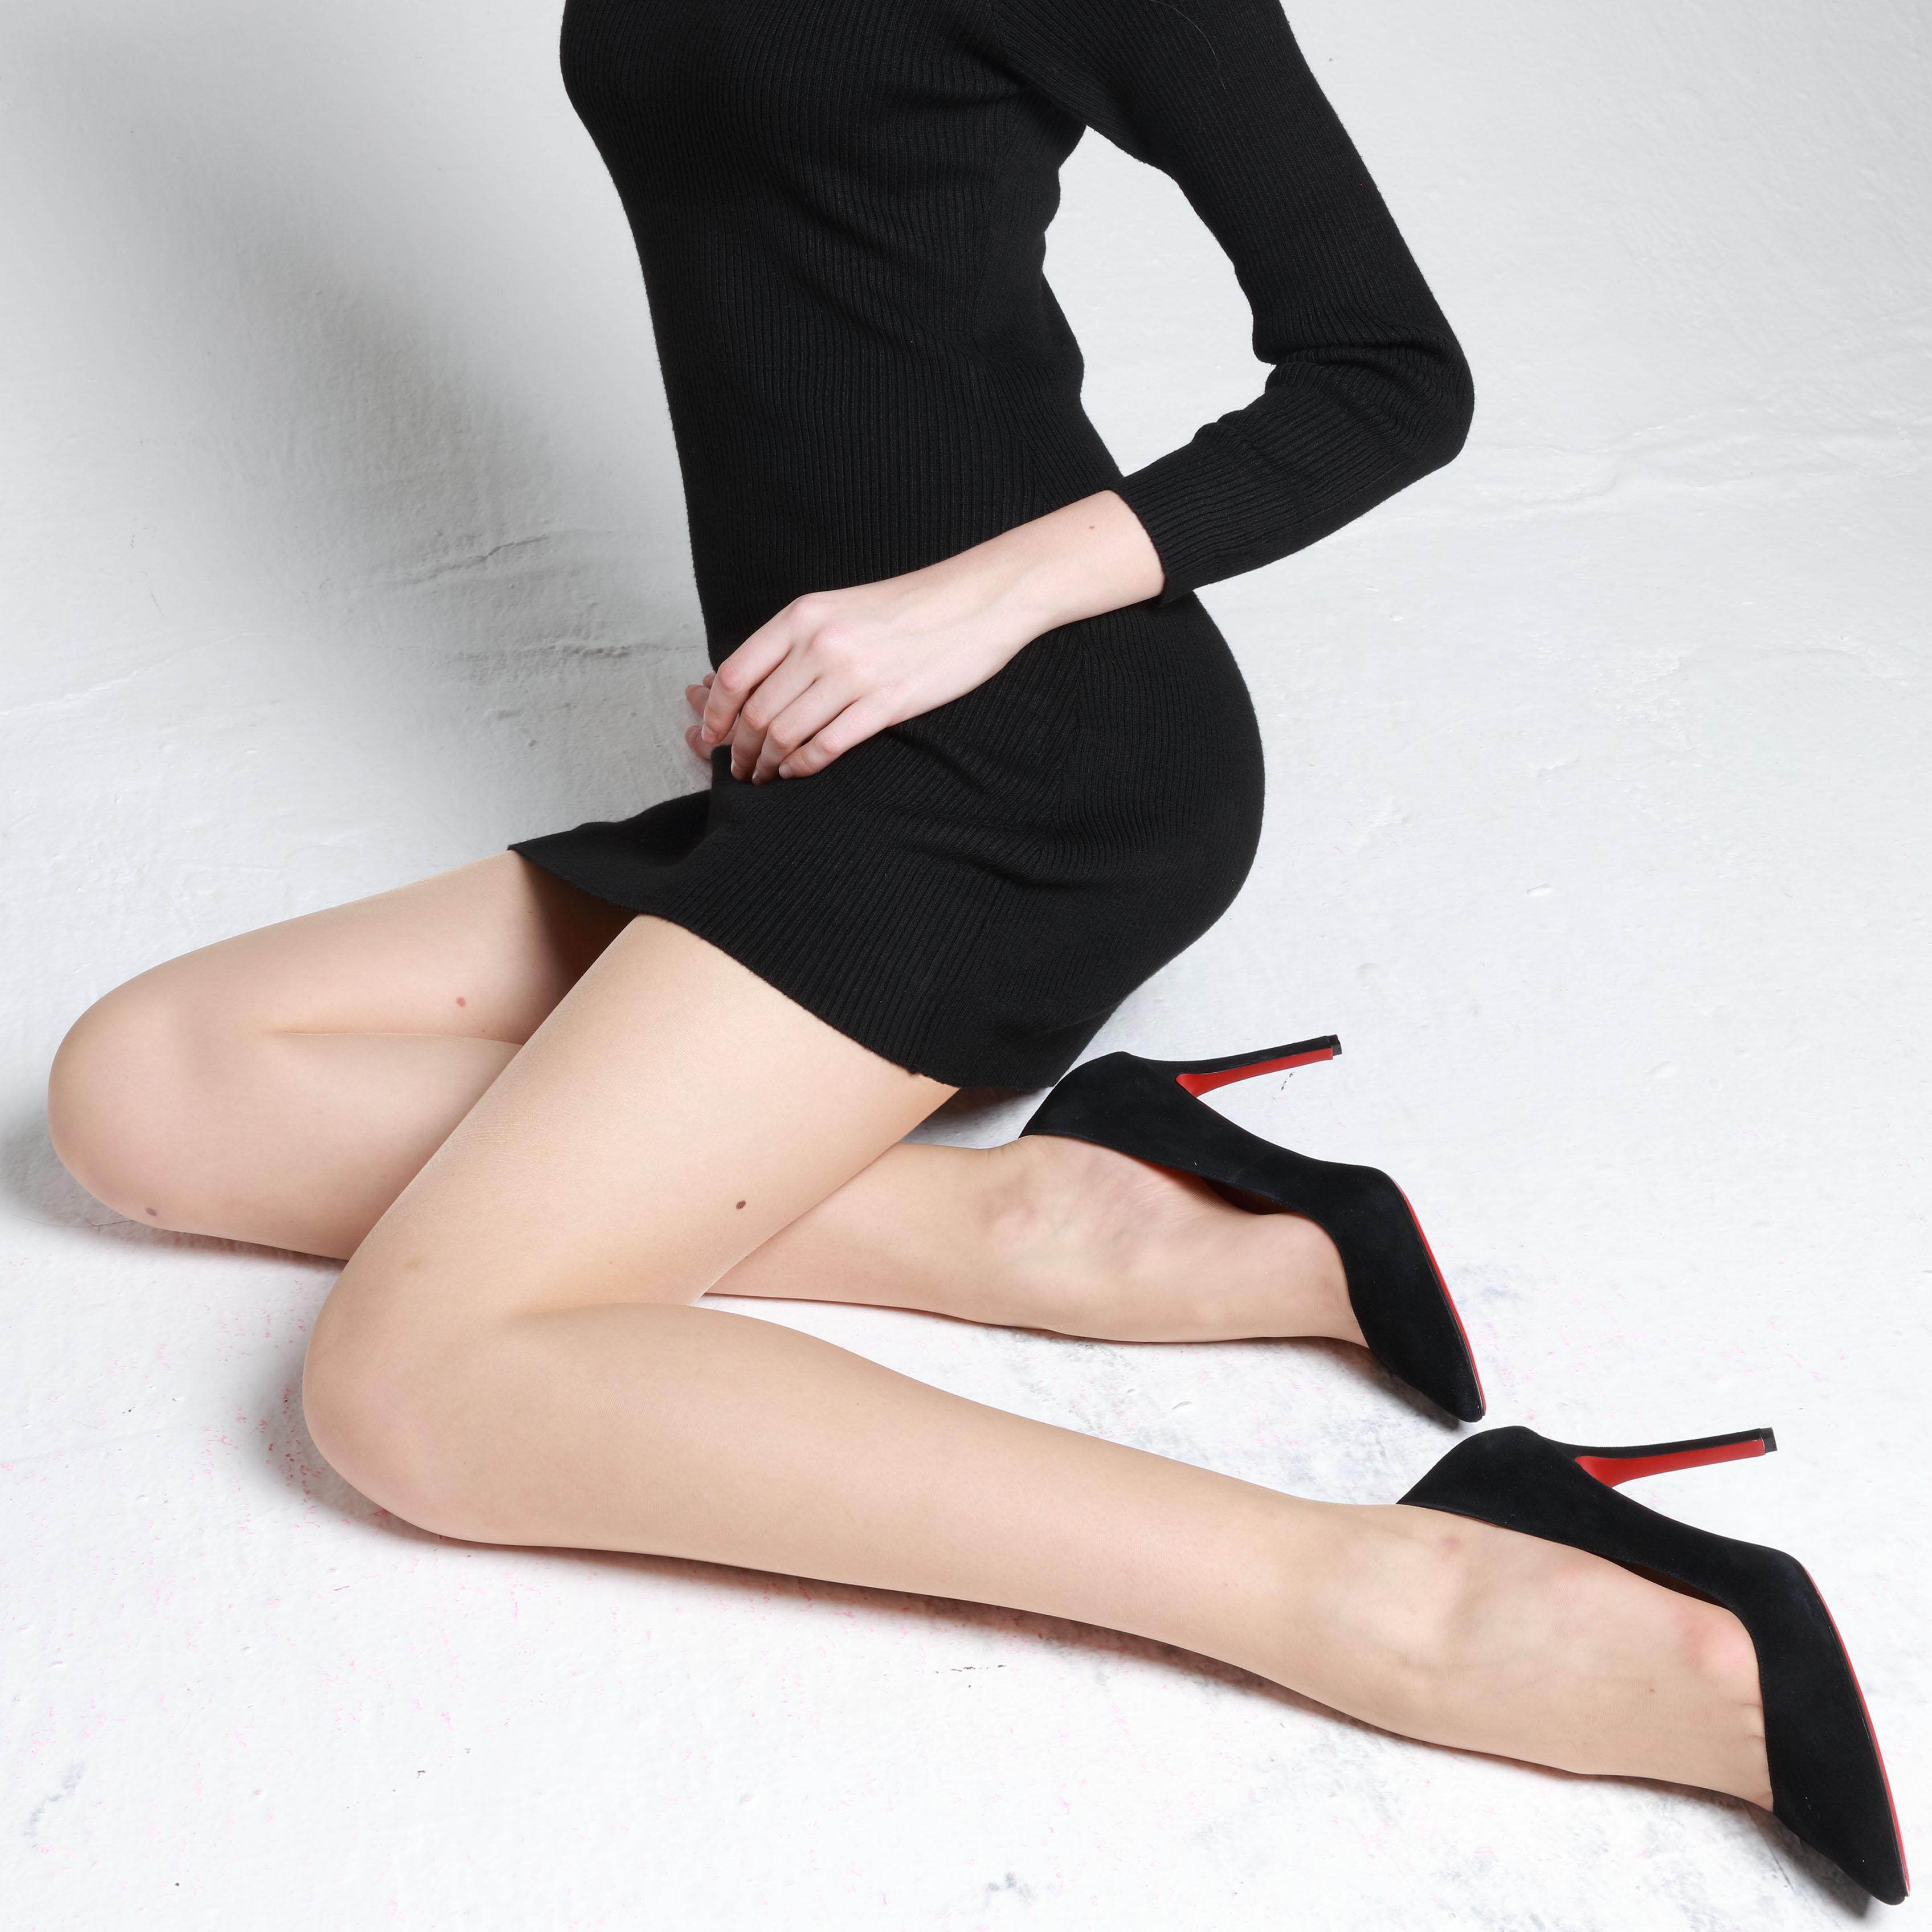 意大利Trasparenze新娘白色丝袜Capri性感超薄夏8D透明隐形连裤袜